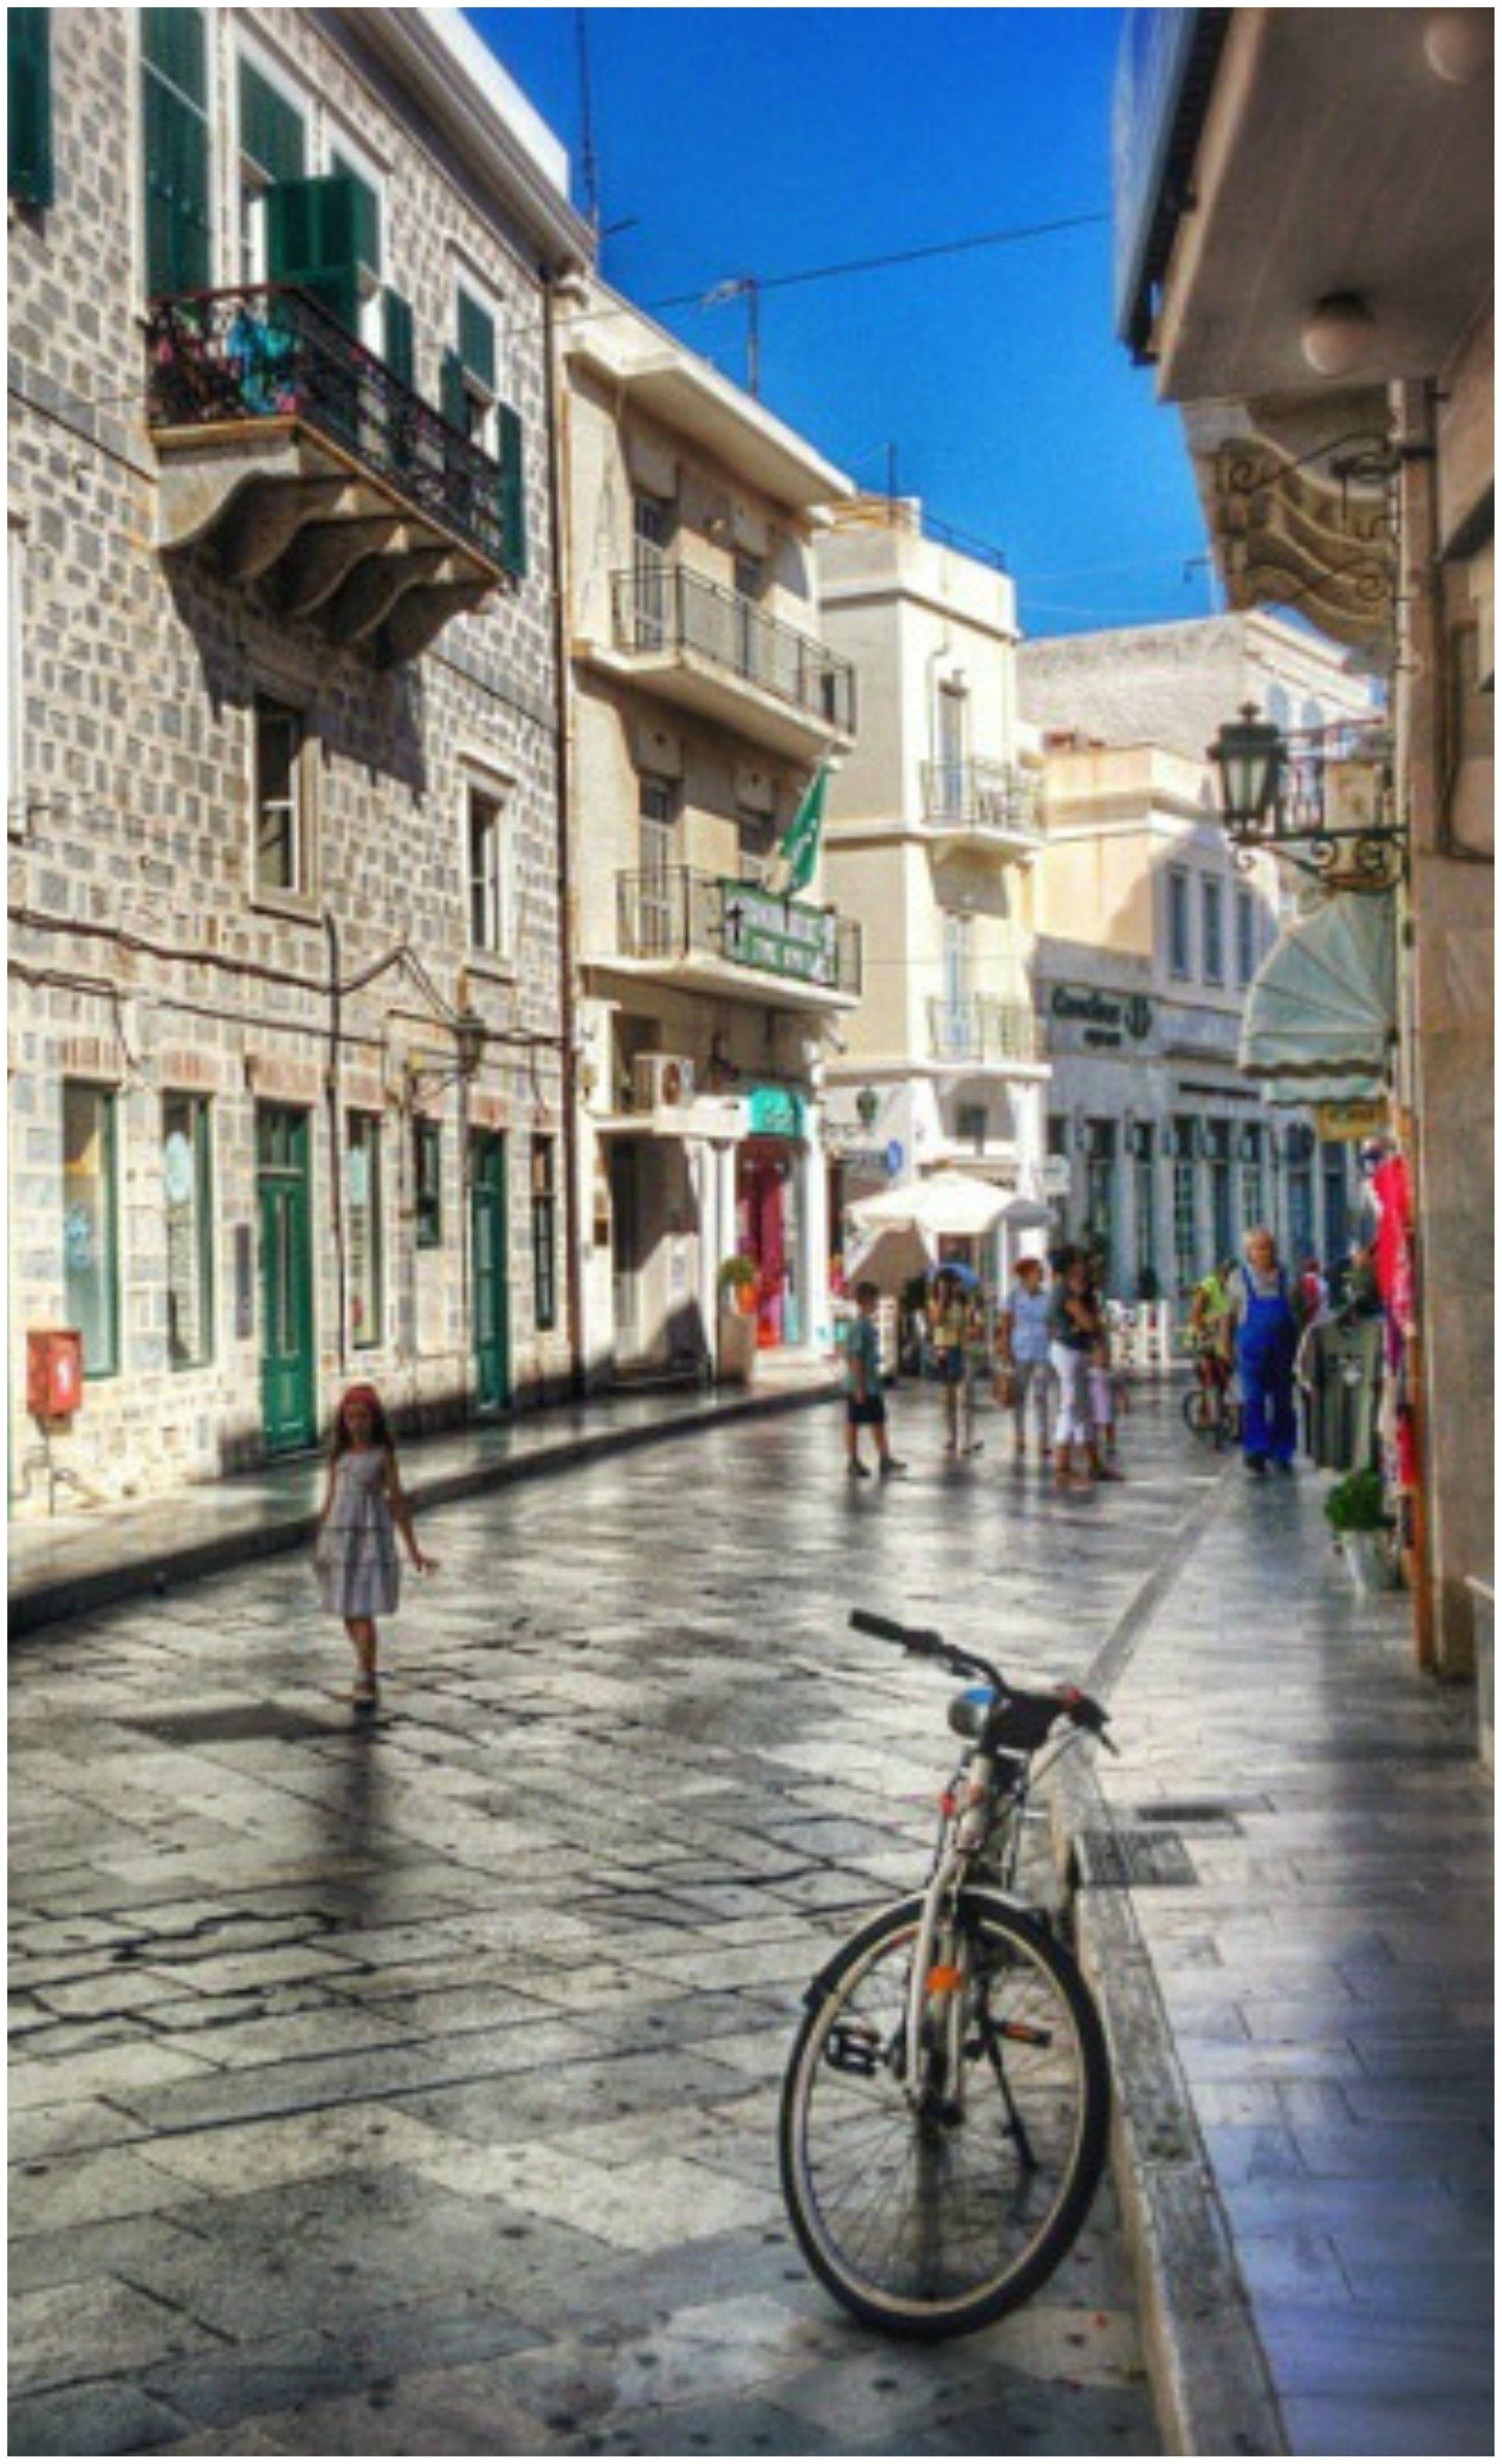 Ερμούπολη, Σύρος -Ermoupoli, Syros, Greece | Πόλη, Εκκλησία